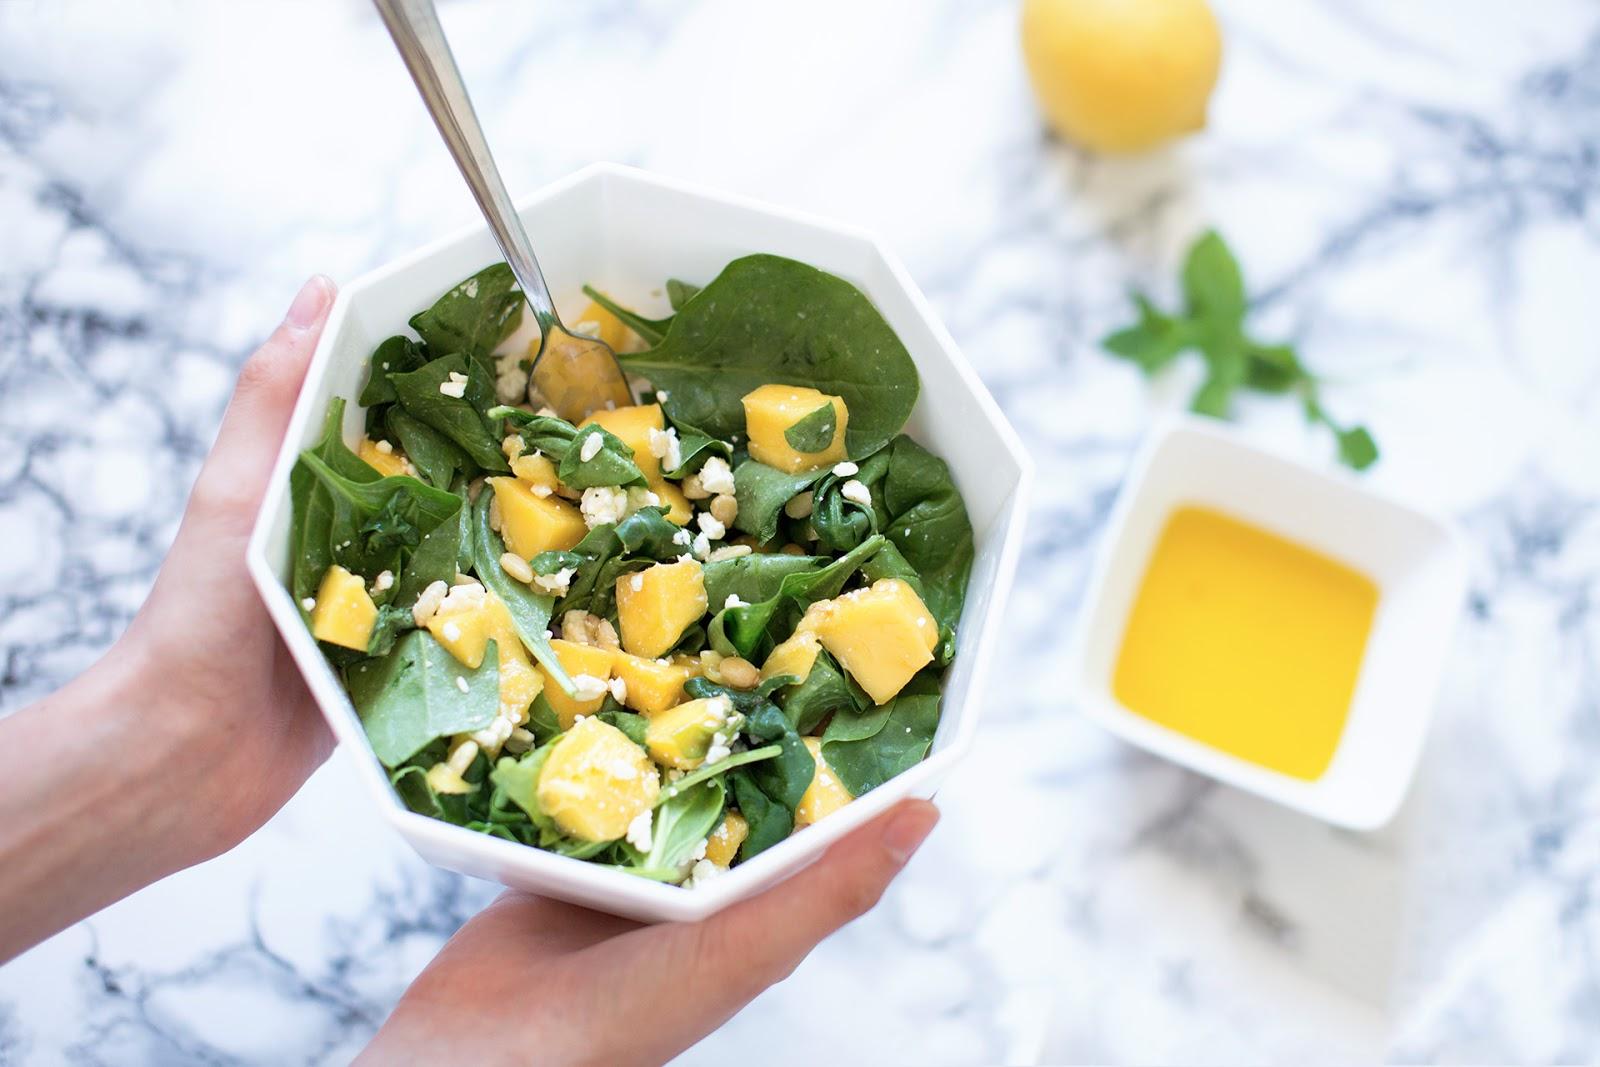 Leichte Sommerküche : Inlovewith: leichte sommerküche: mango spinat salat mit zitronen